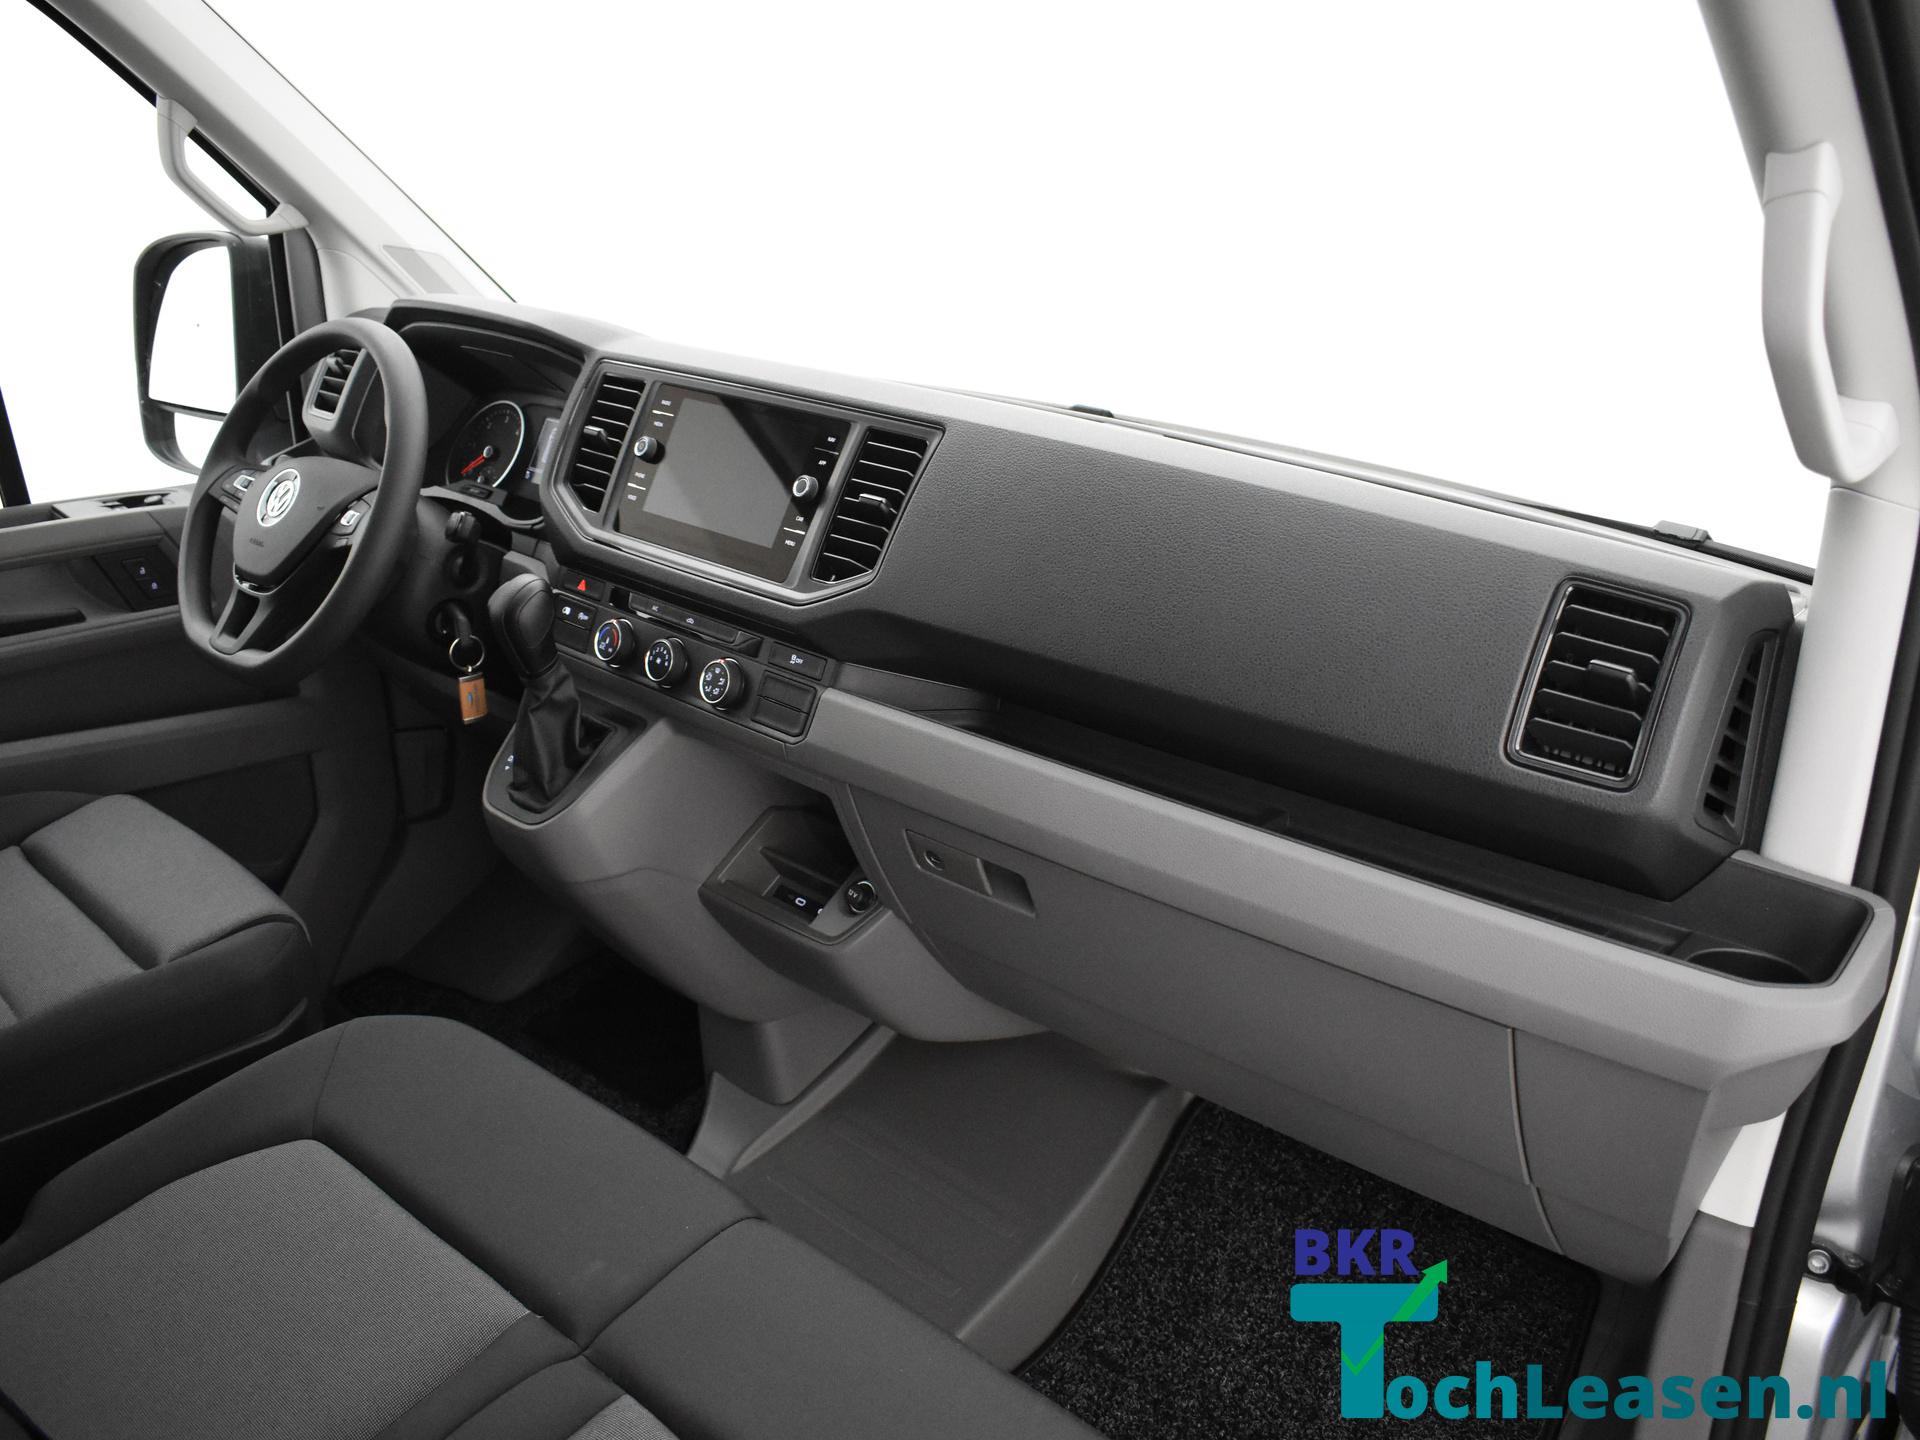 Volkswagen Crafter Zilver BKR Toch leasen 2